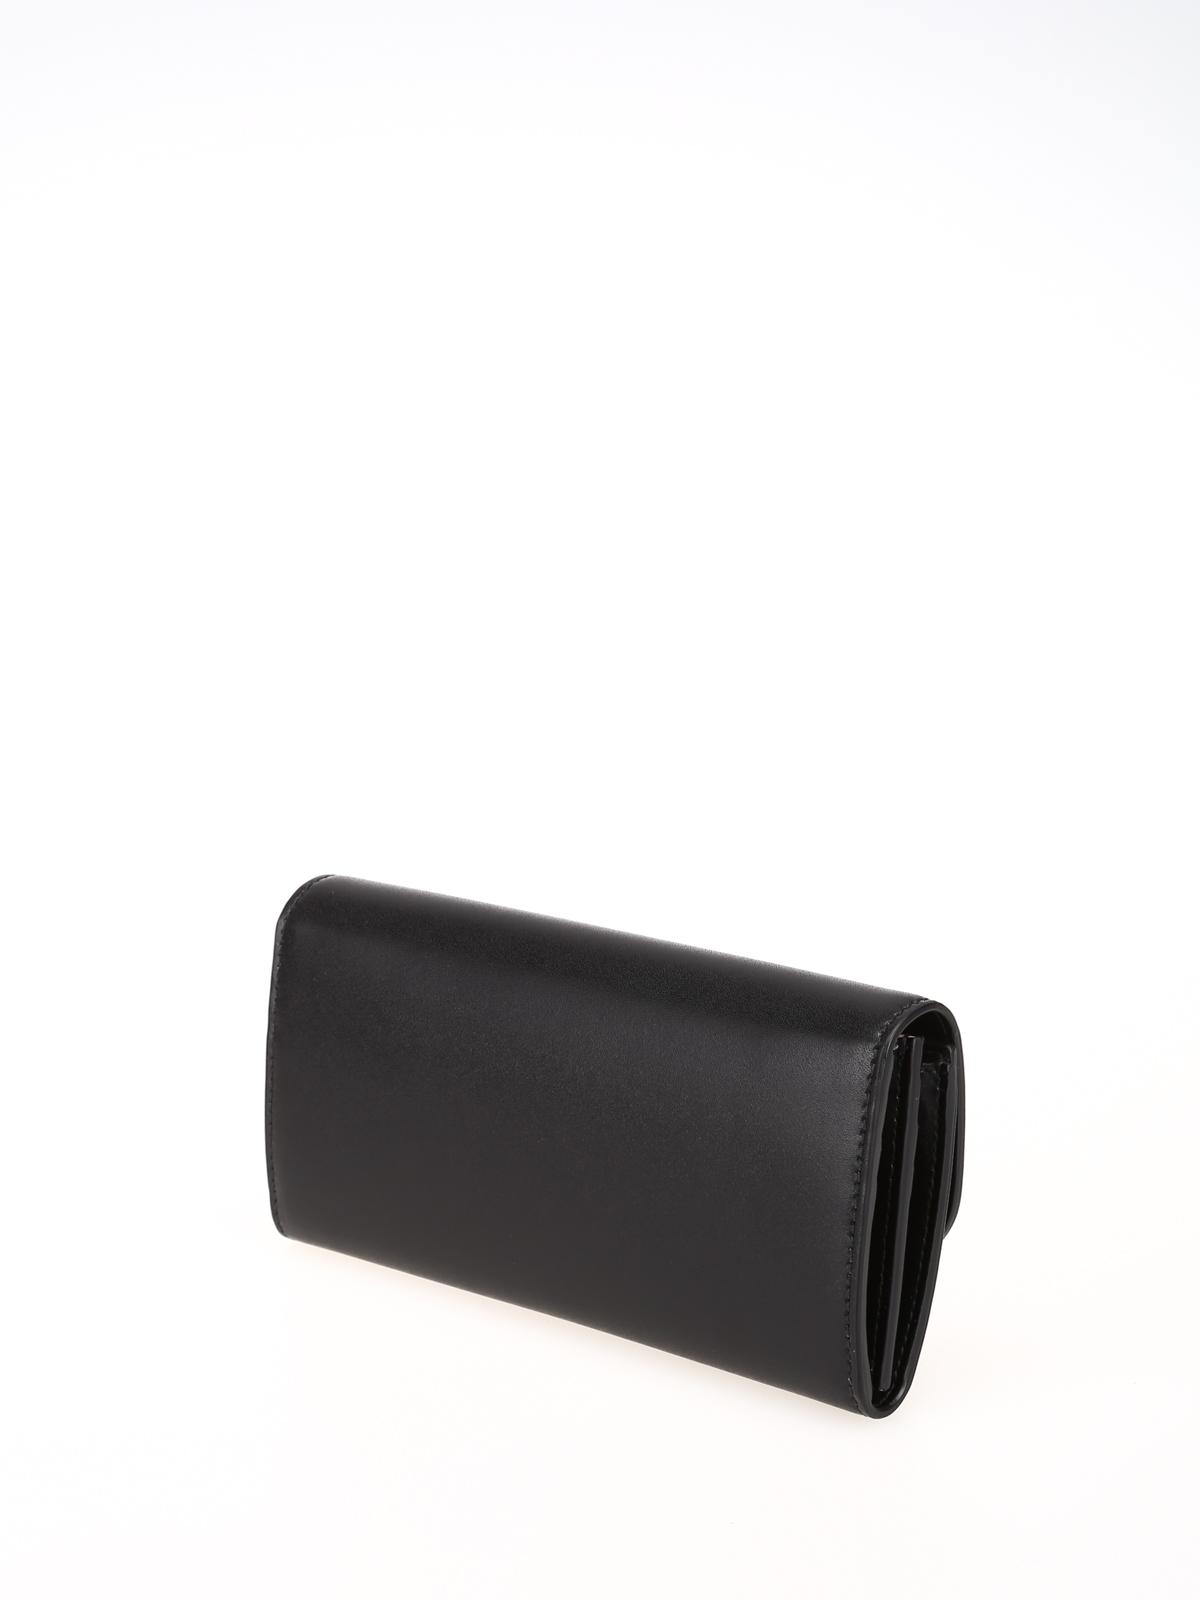 10c71c6c27 iKRIX SALVATORE FERRAGAMO: portafogli - Portafoglio continental nero con  fiocco Vara